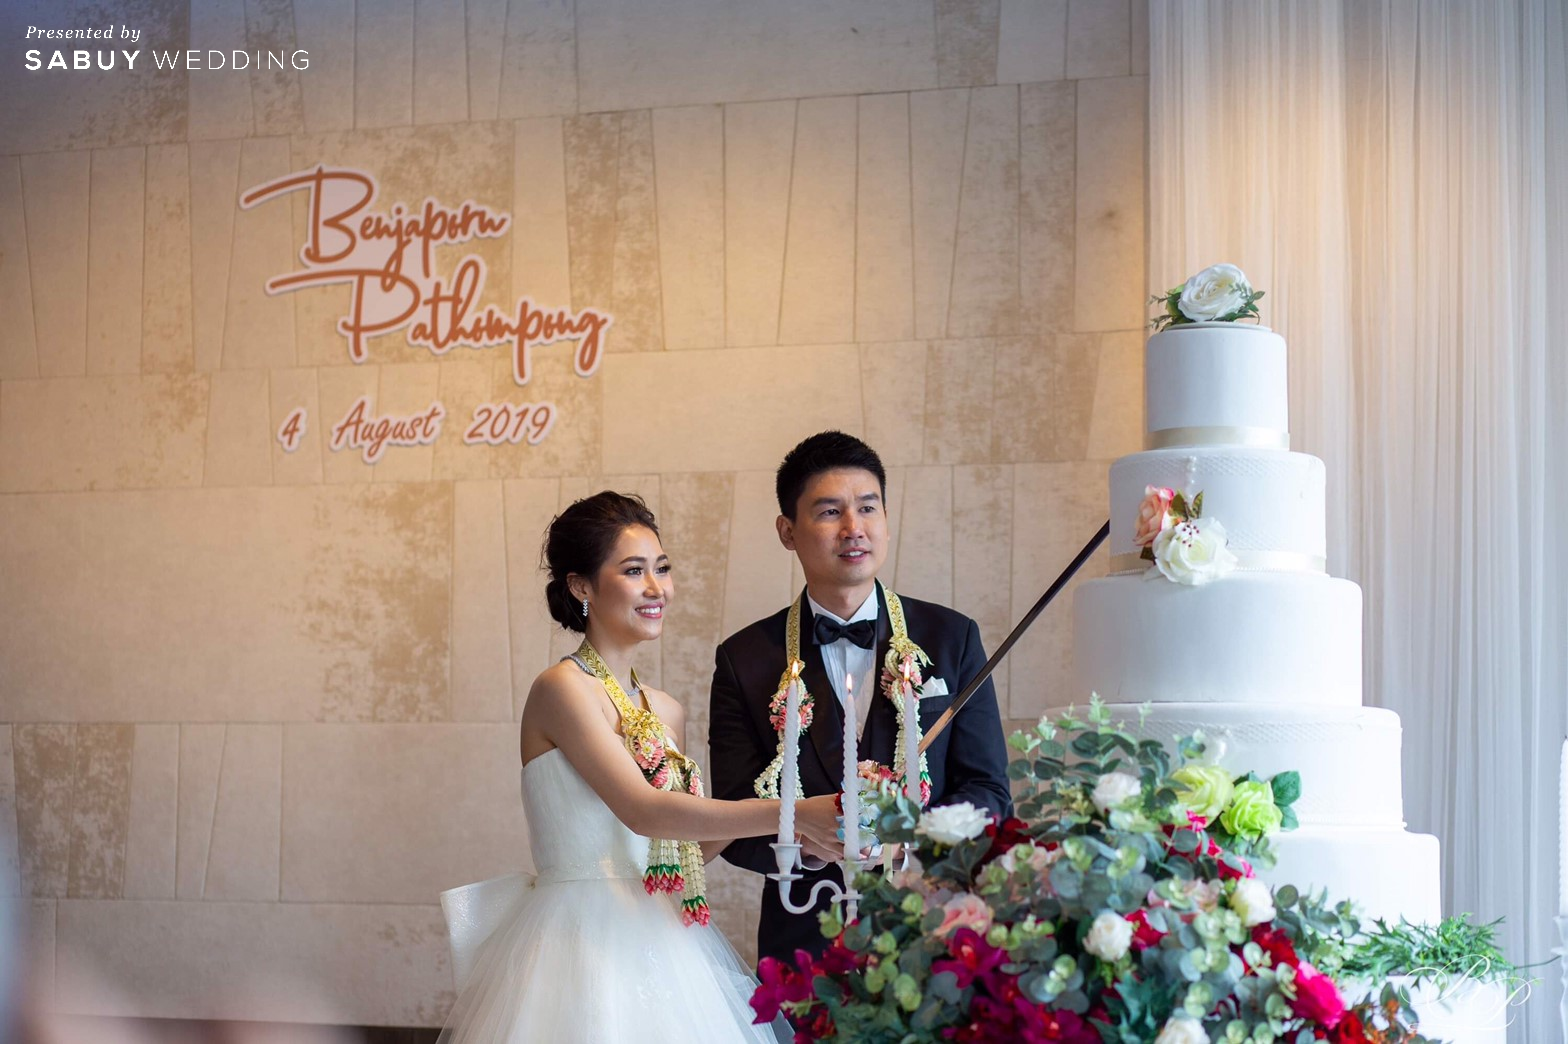 เจ้าบ่าว,เจ้าสาว,แต่งงาน,สถานที่แต่งงาน รีวิวงานแต่ง Backdrop สวนสวย ด้วยห้องจัดเลี้ยงแสงธรรมชาติ @ Bliston Suwan Park View Hotel